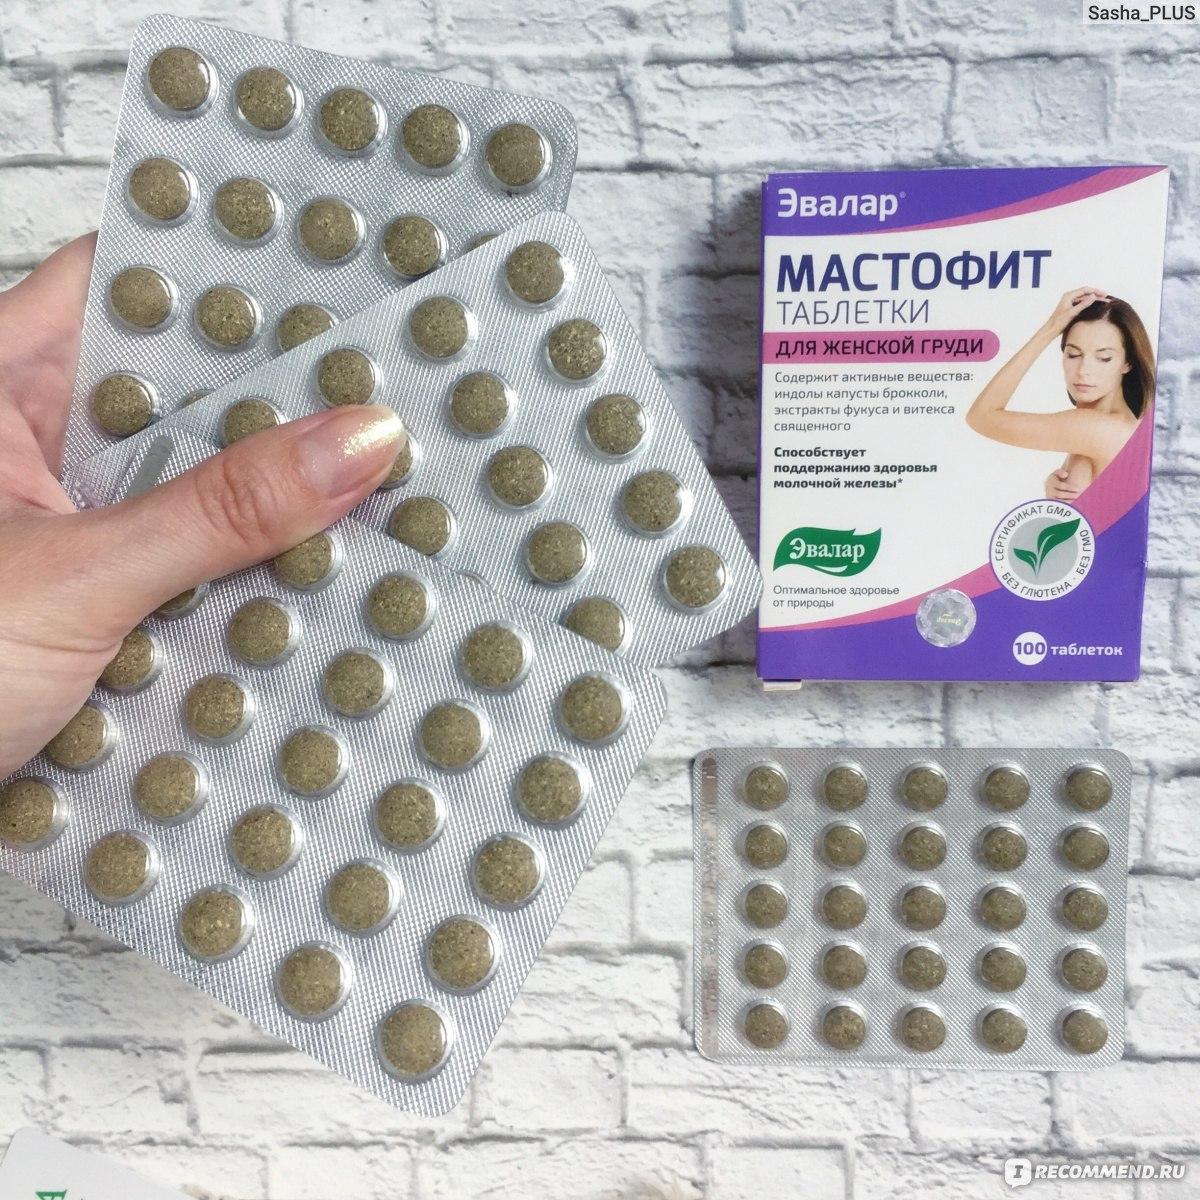 Крем мастофит при фиброзно-кистозной мастопатии